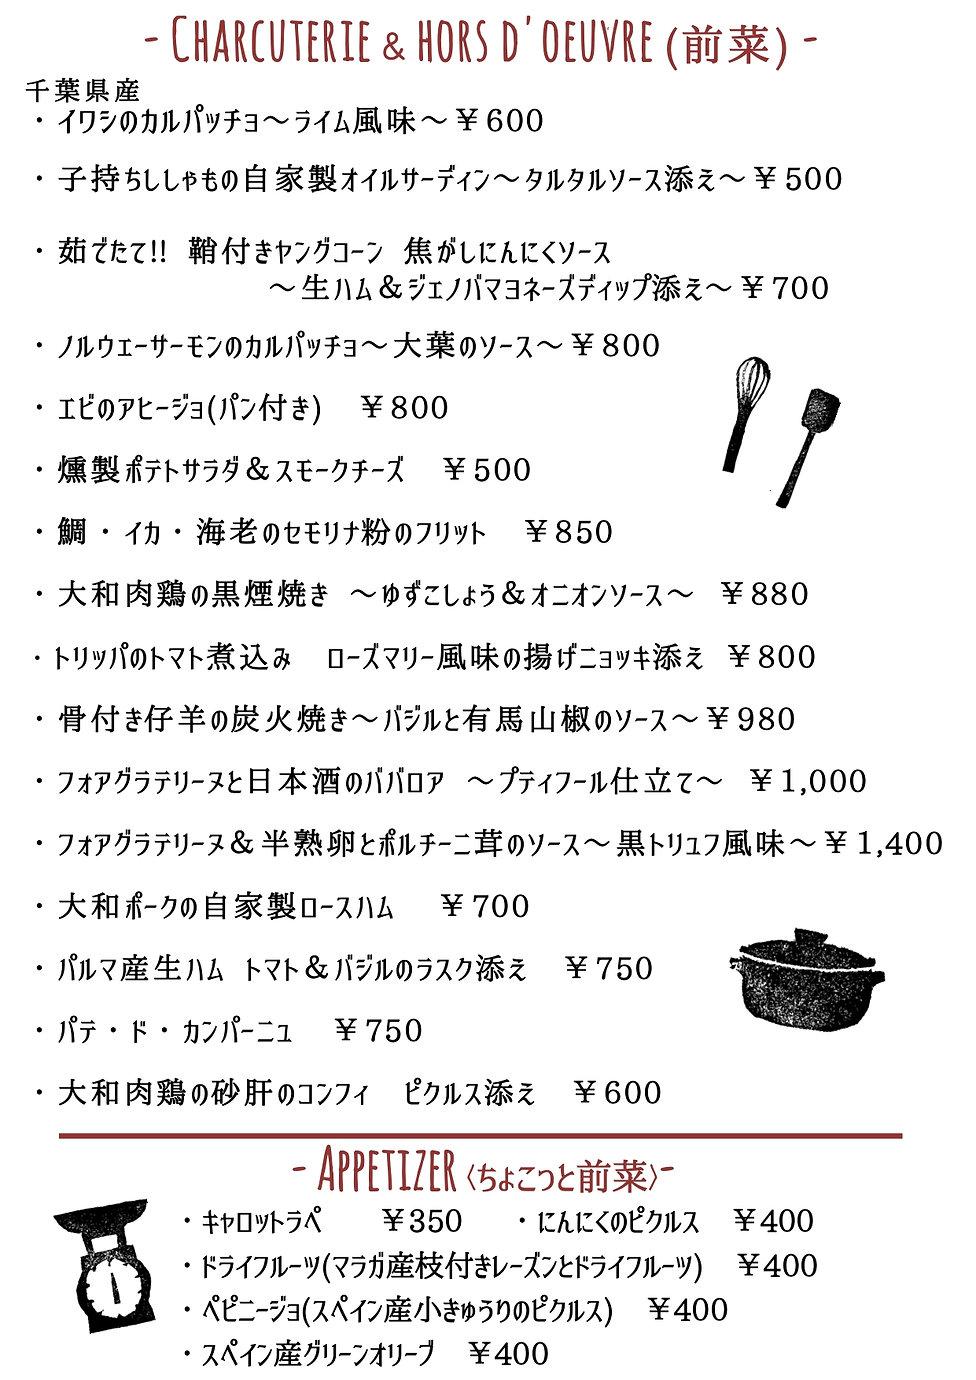 ディナーメニュー2 城山台4.5 - HP用_page-0001(3).jpg